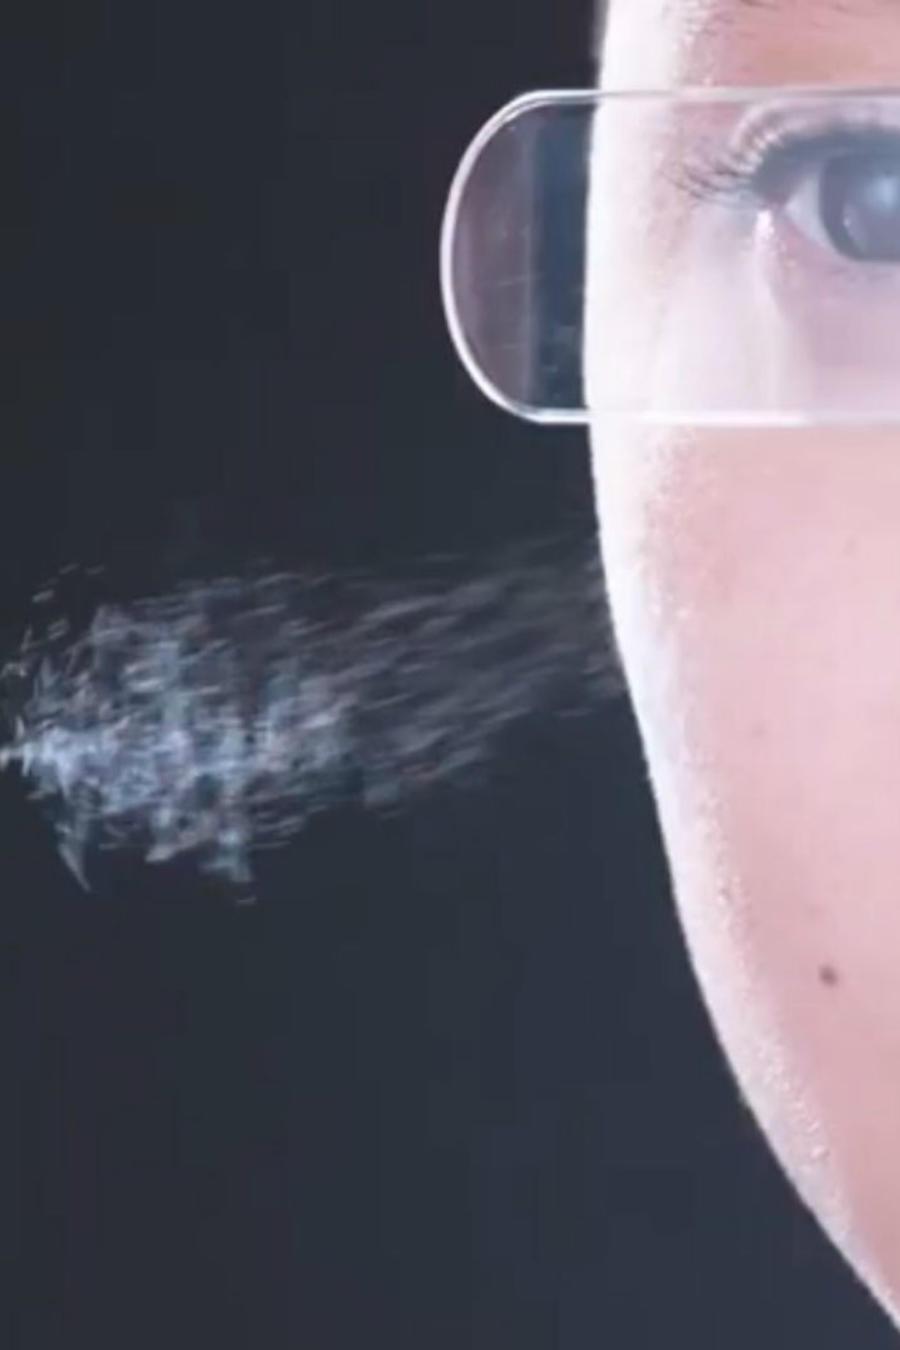 Piel en spray